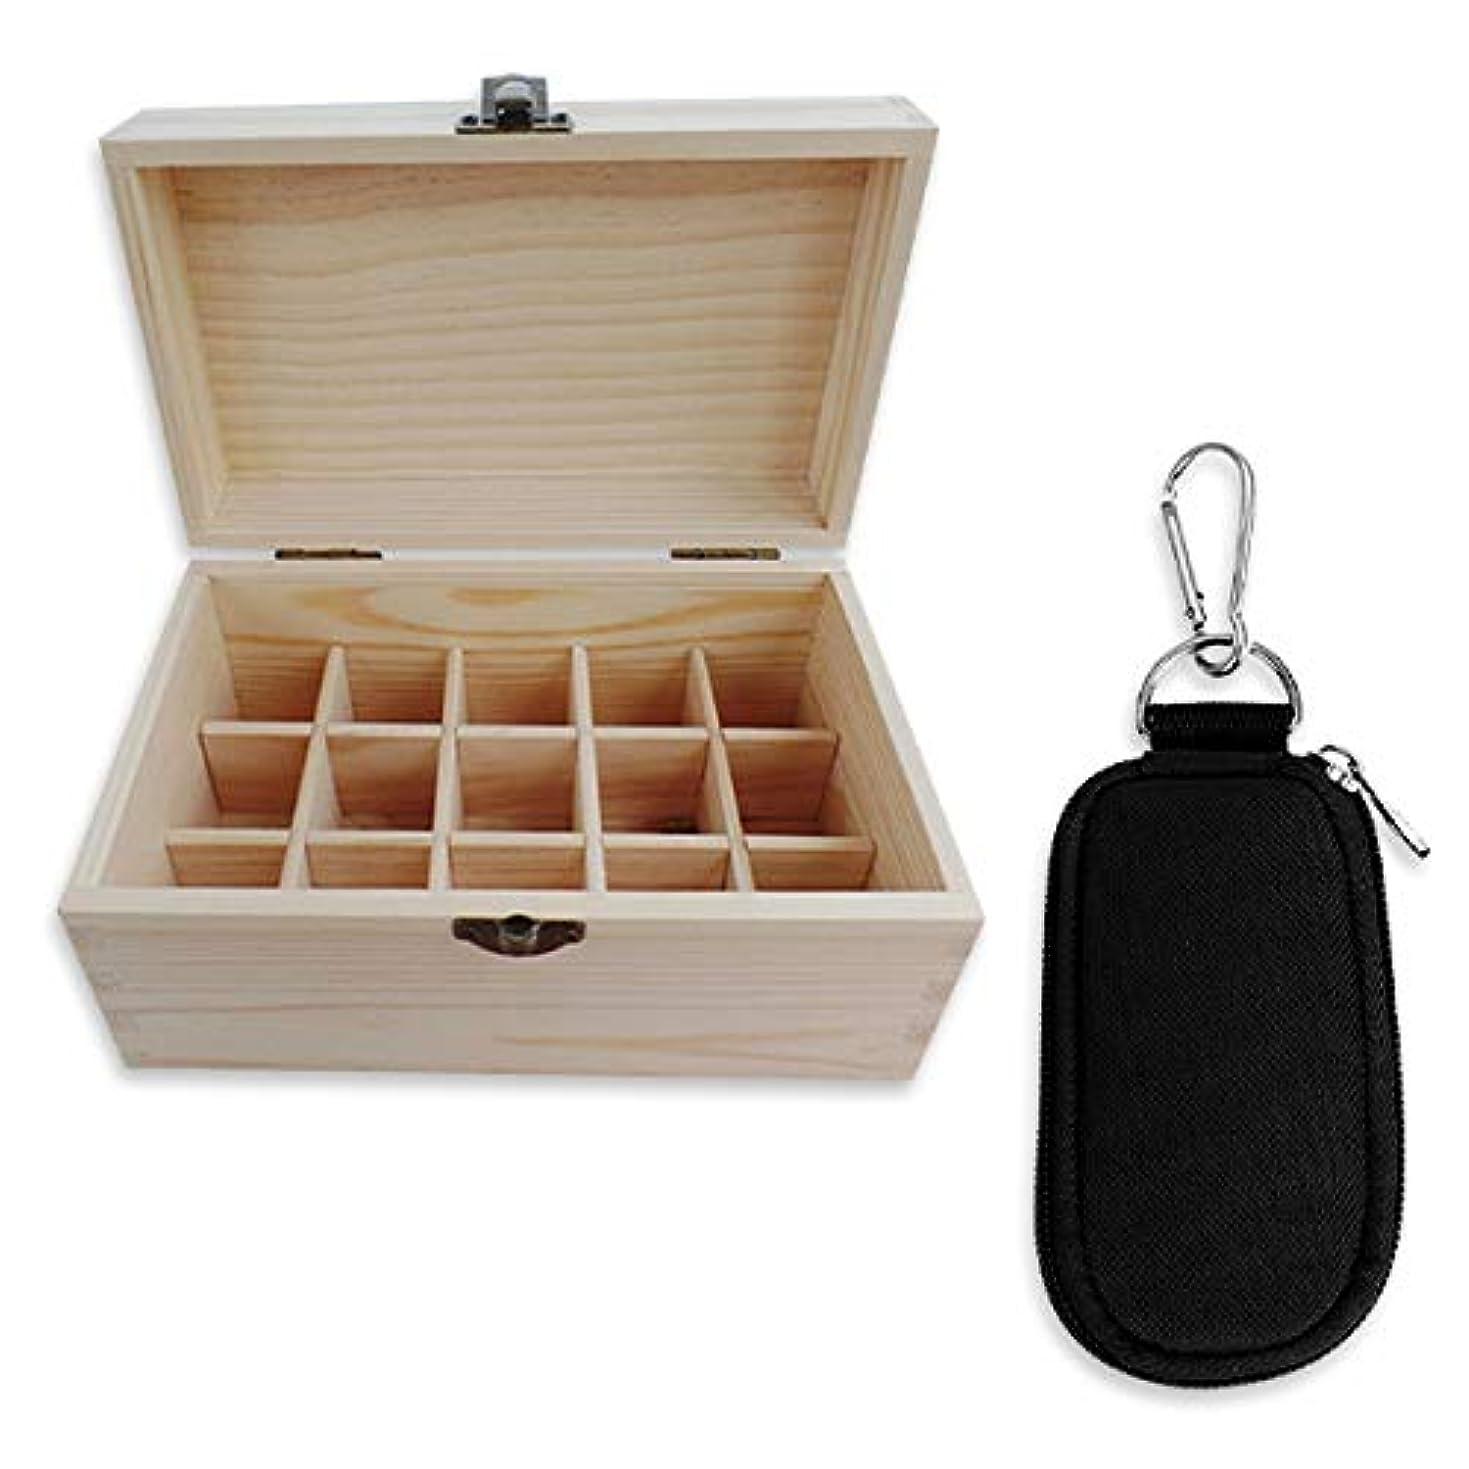 いつもプレゼンテーション染料HAMILO エッセンシャルオイル収納ボックス 木製ケース オイル収納ボックス 遮光瓶用ポーチ付 (2点セット)